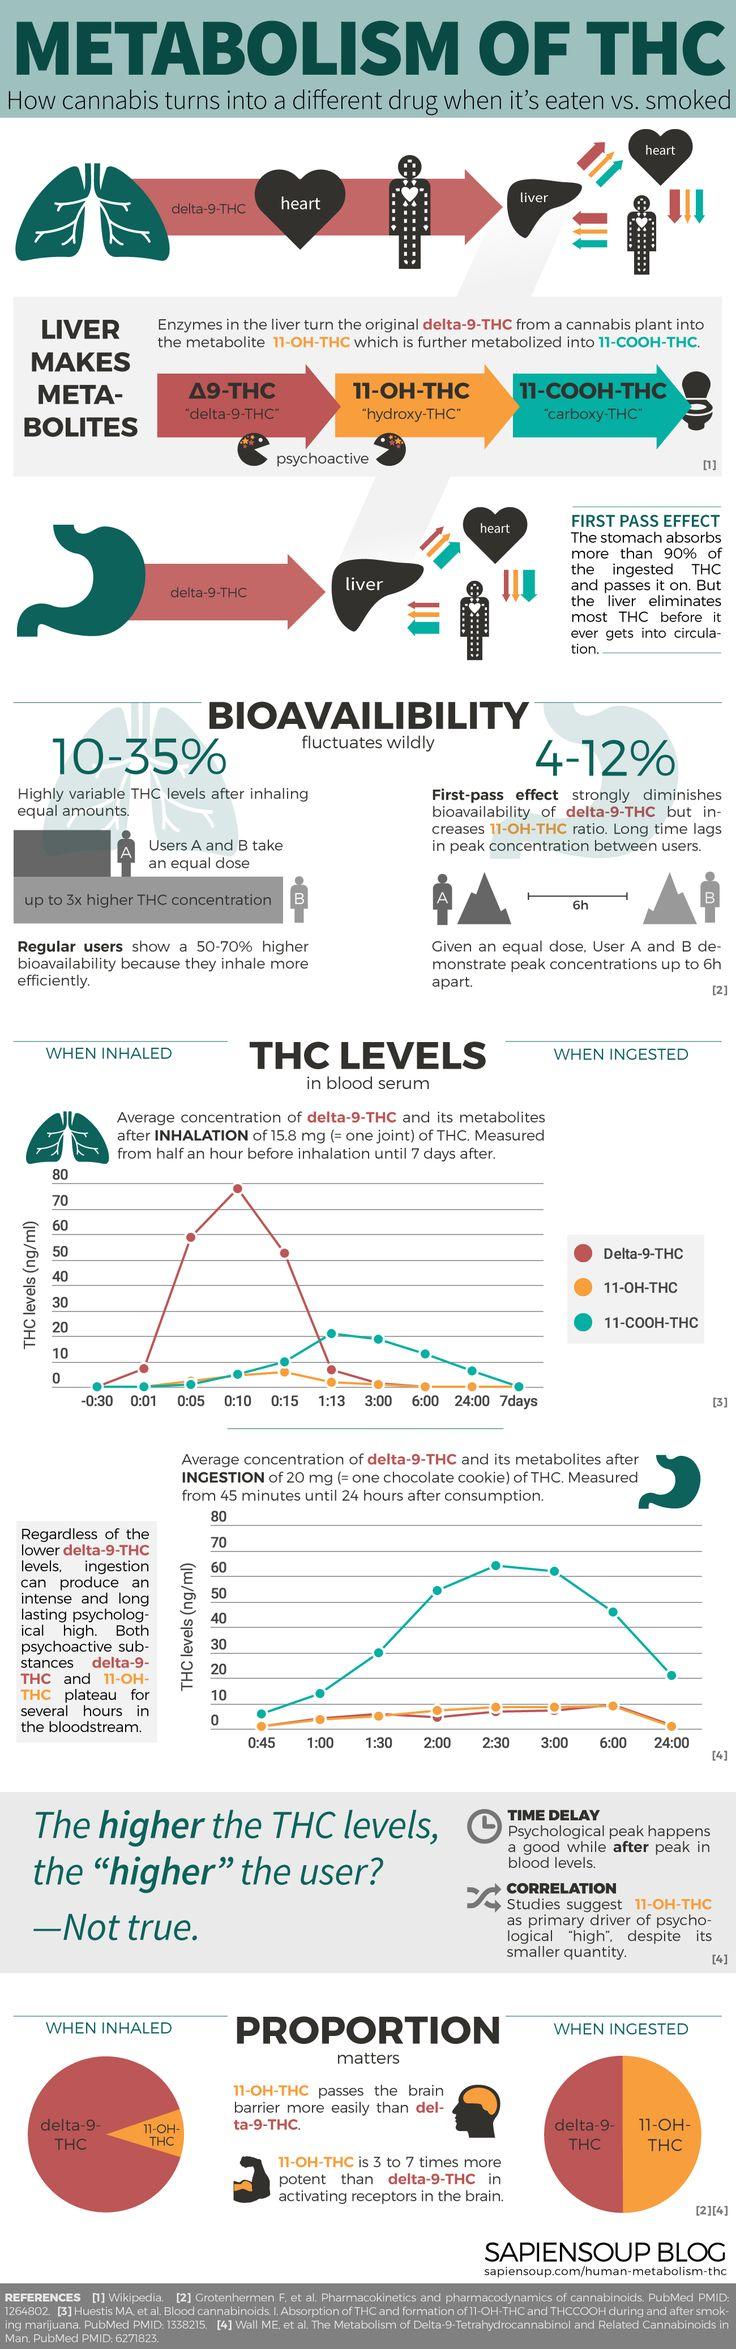 Human Metabolism of THC